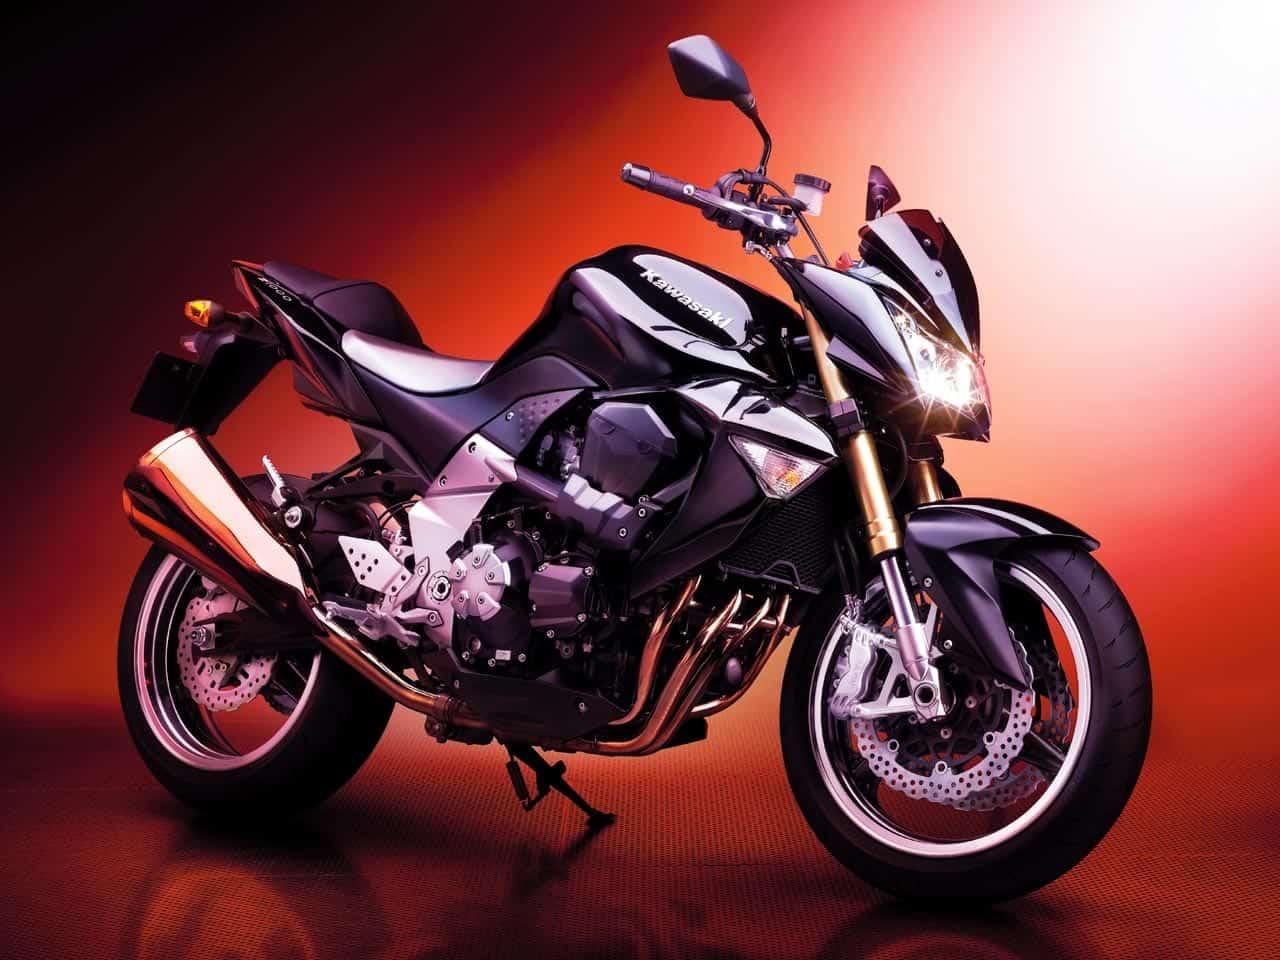 2007-Kawasaki-Z1000a